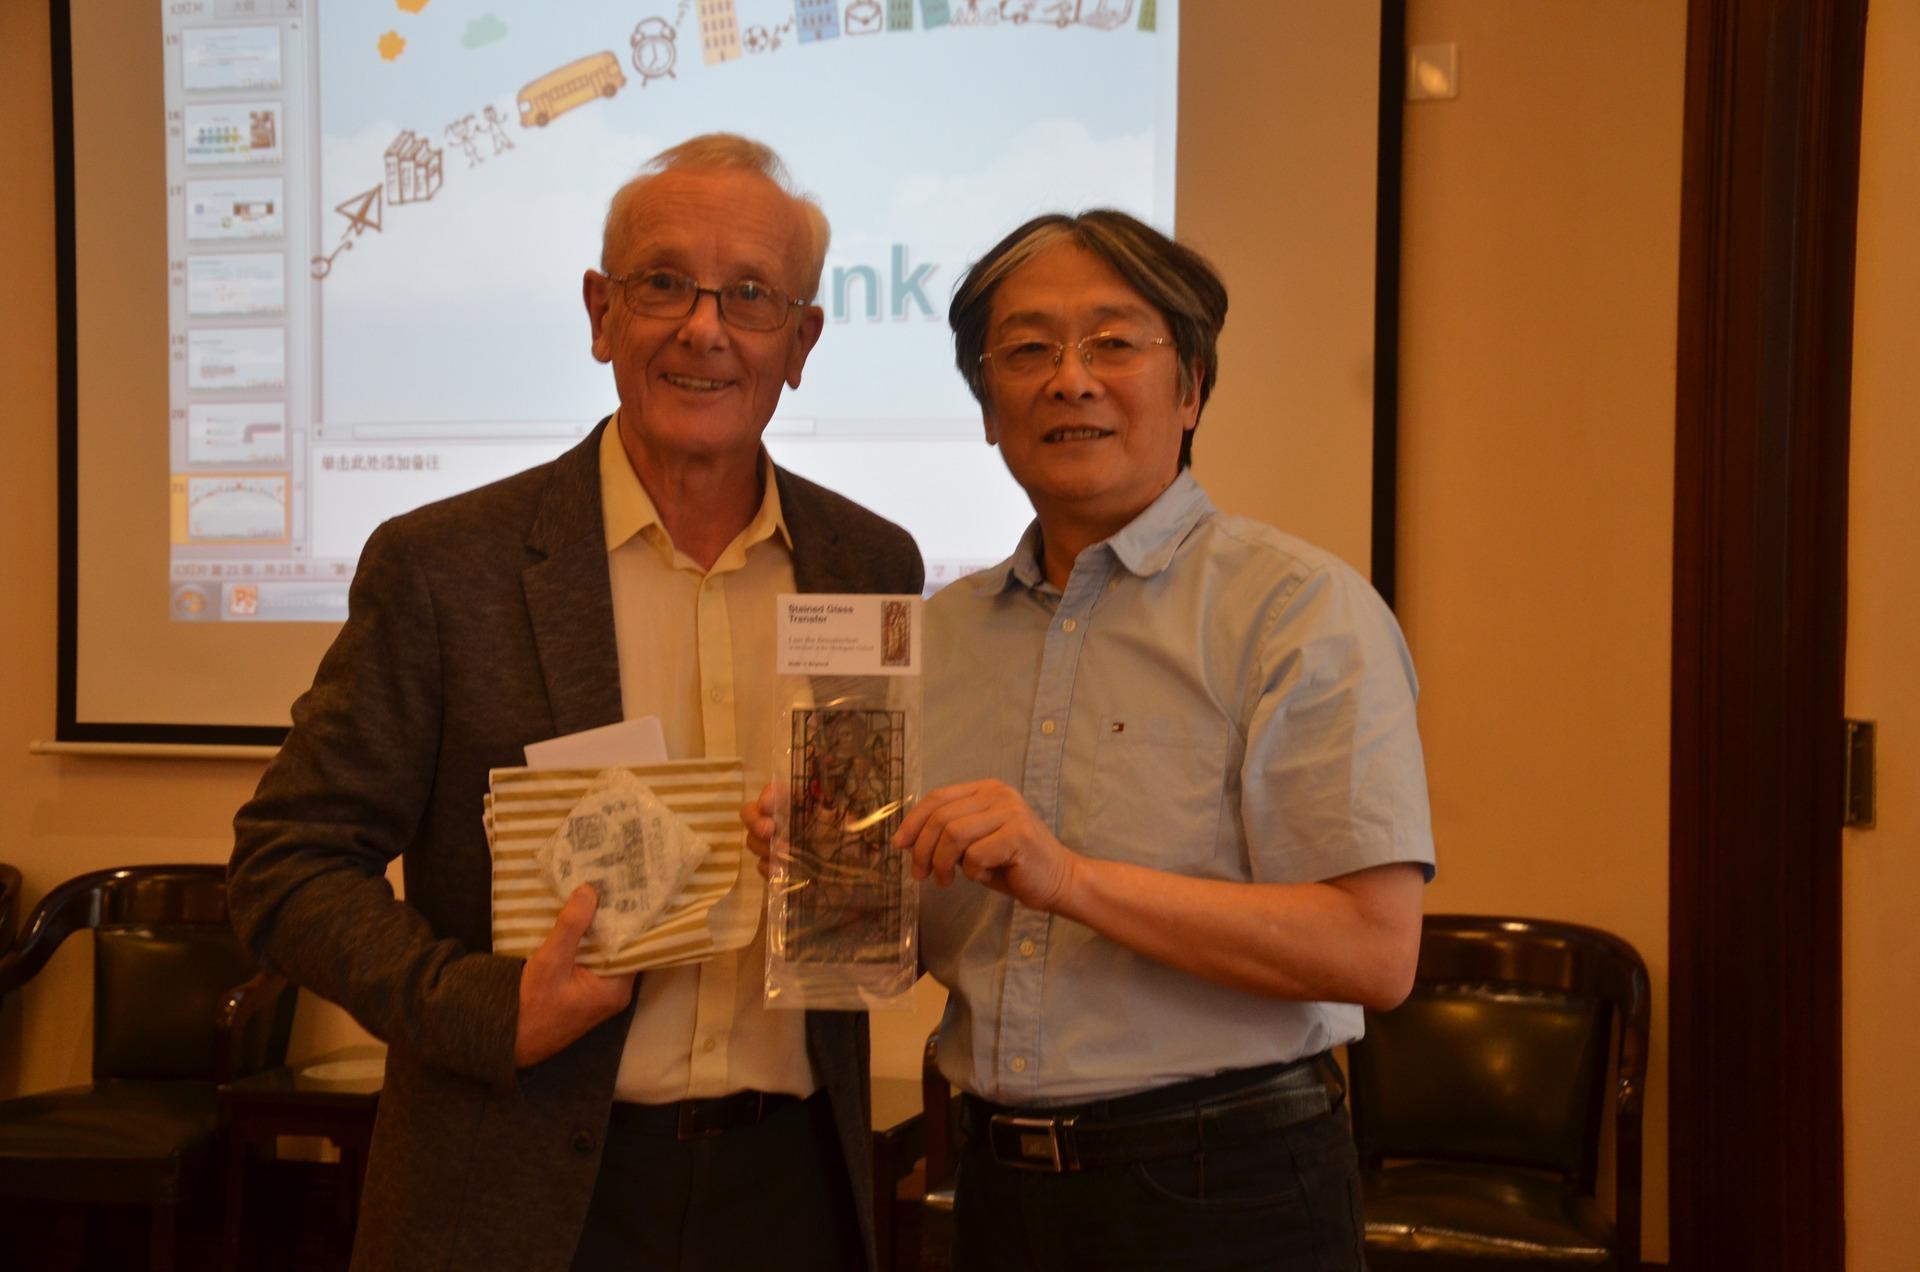 中国教会之友到访中国基督教两会